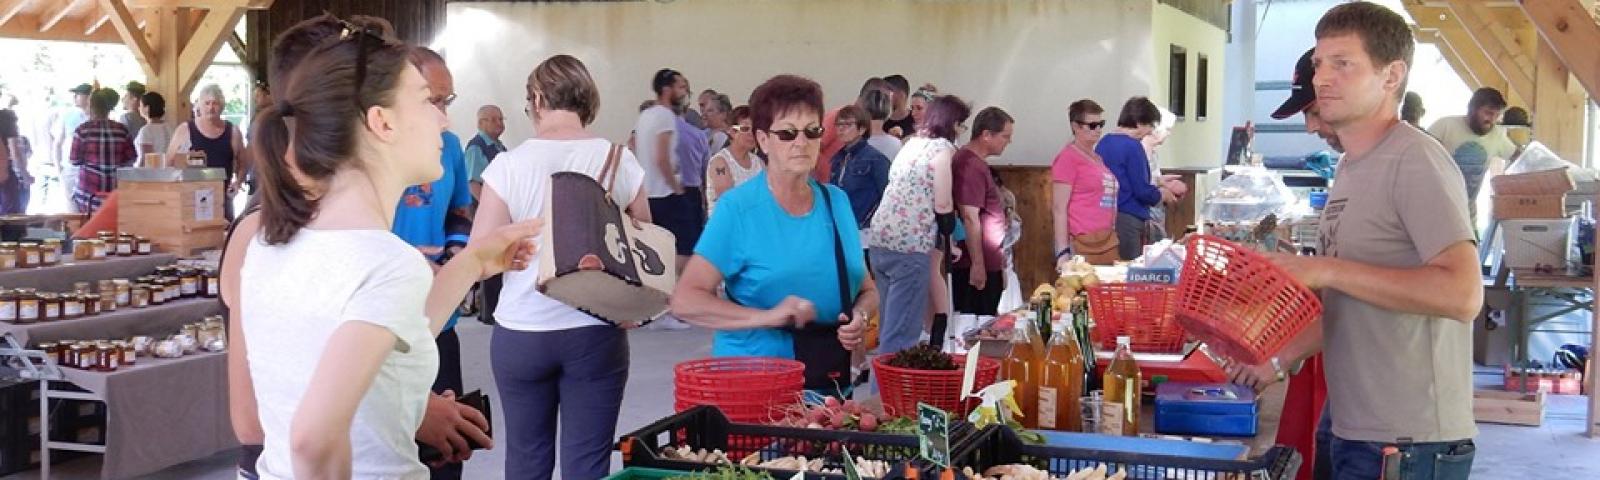 Vendeur de fruits et légumes sur le marché de producteurs